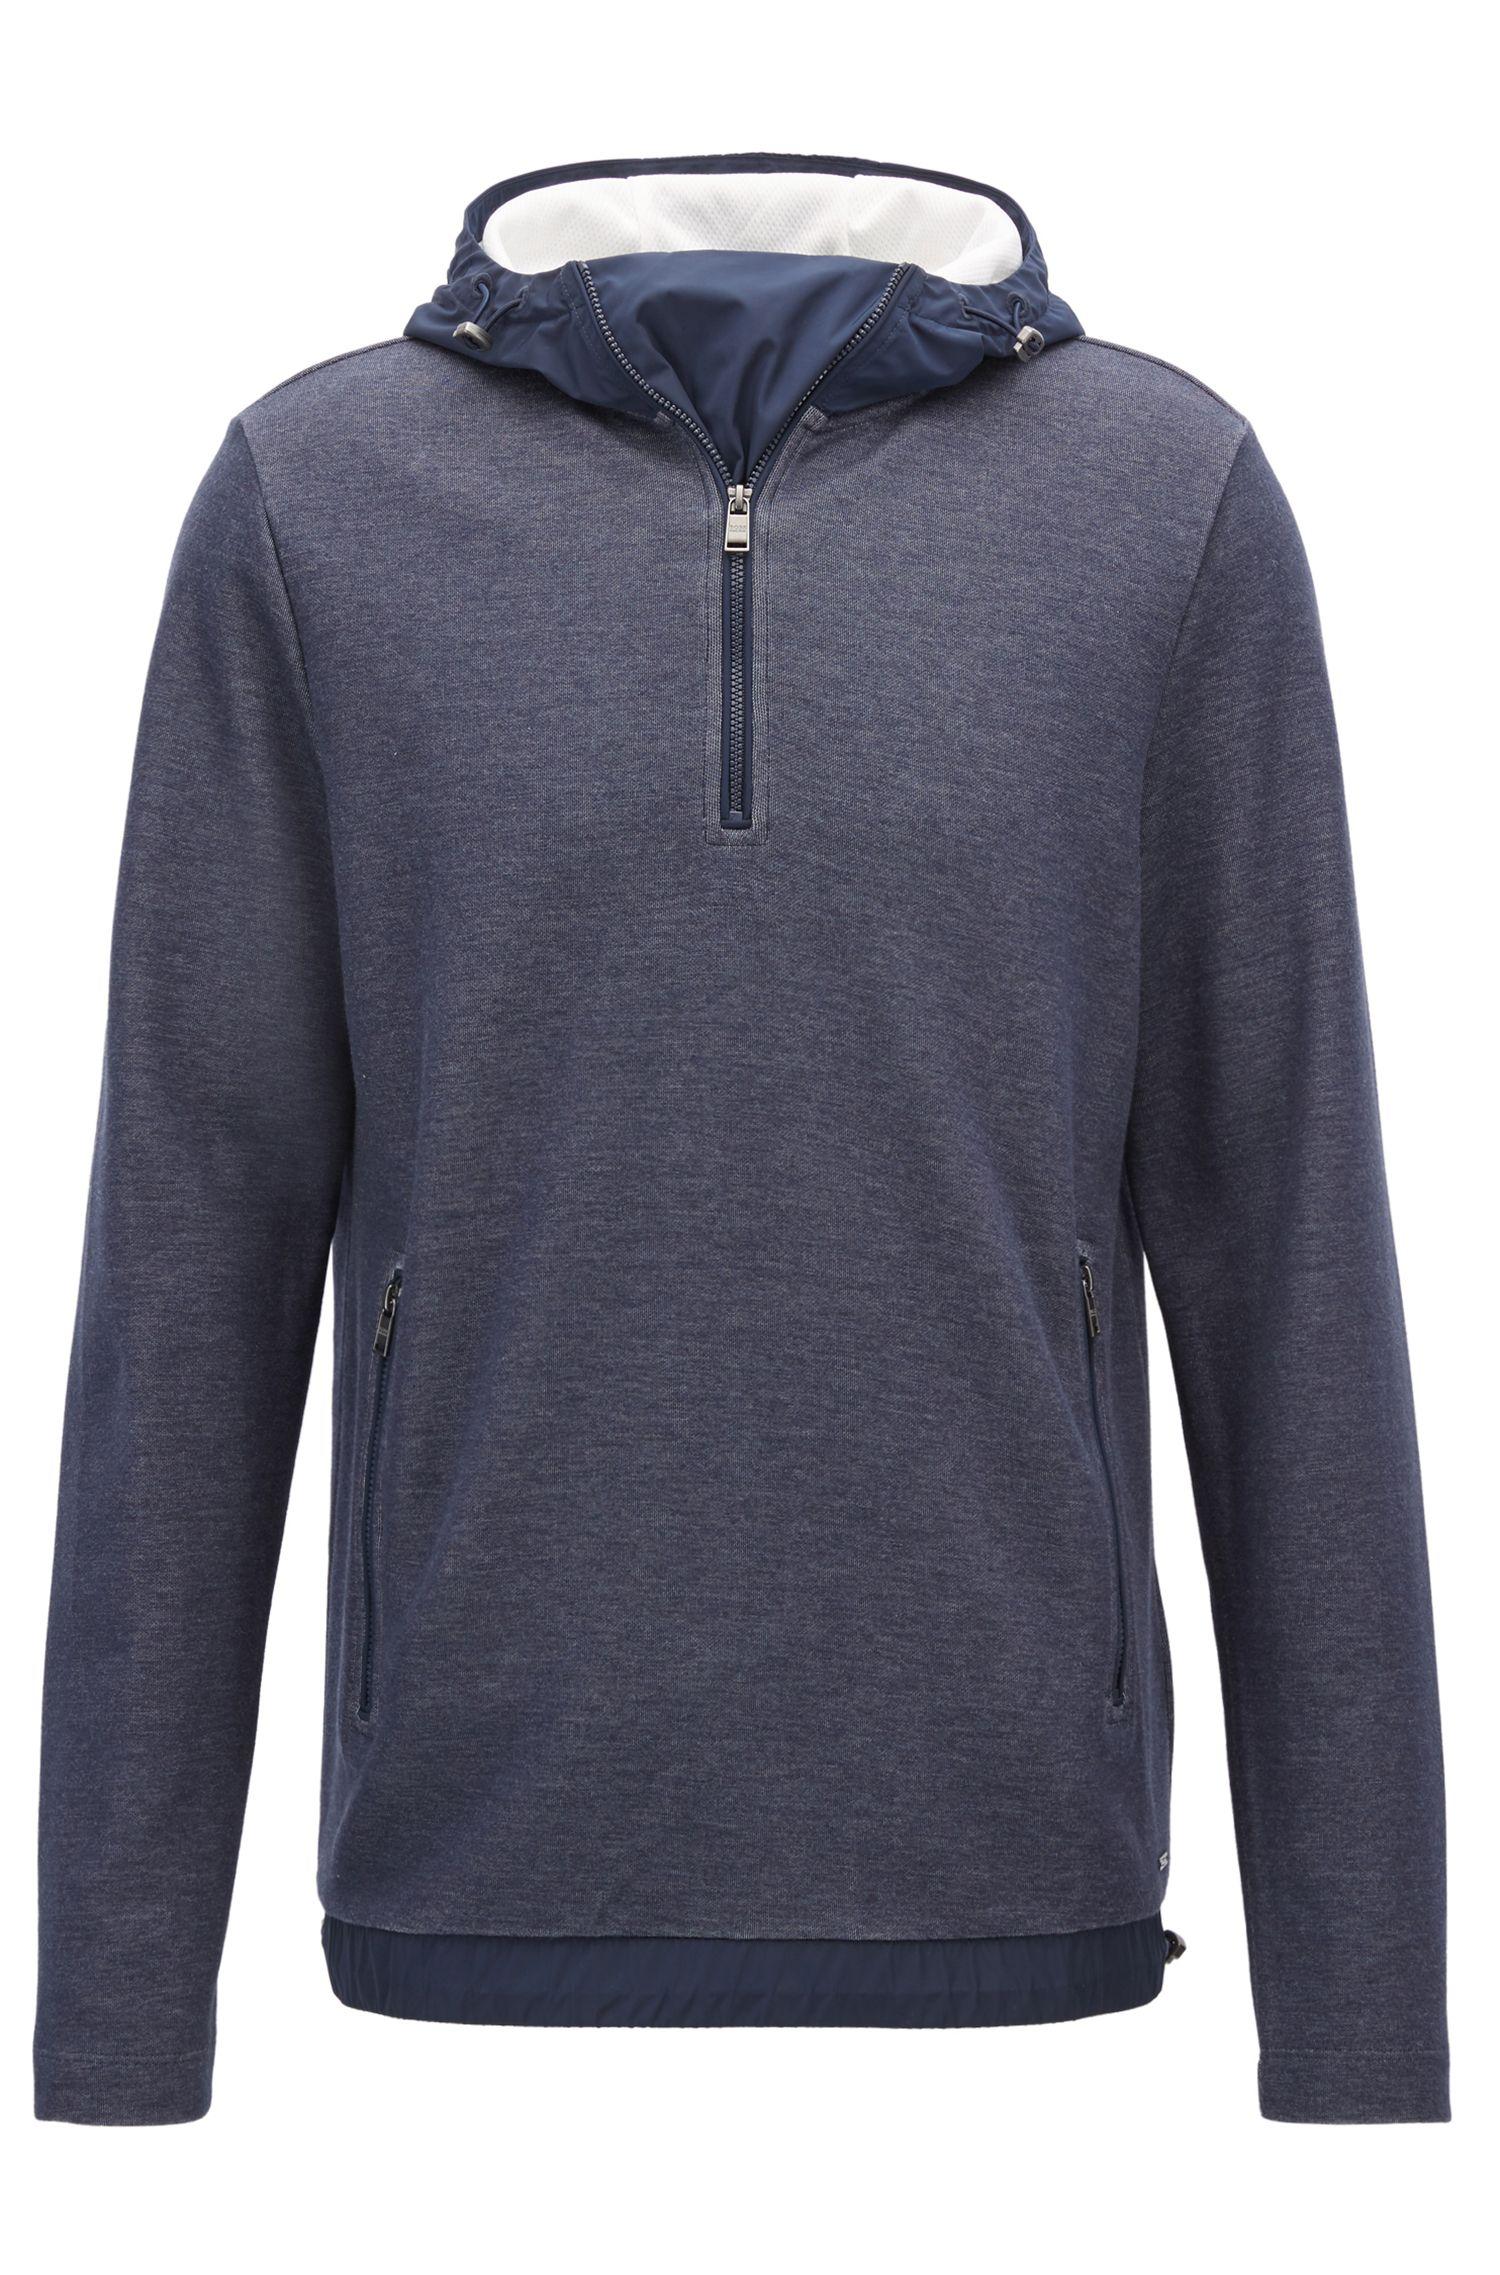 Cotton Blend Sweatshirt | Seeger, Dark Blue